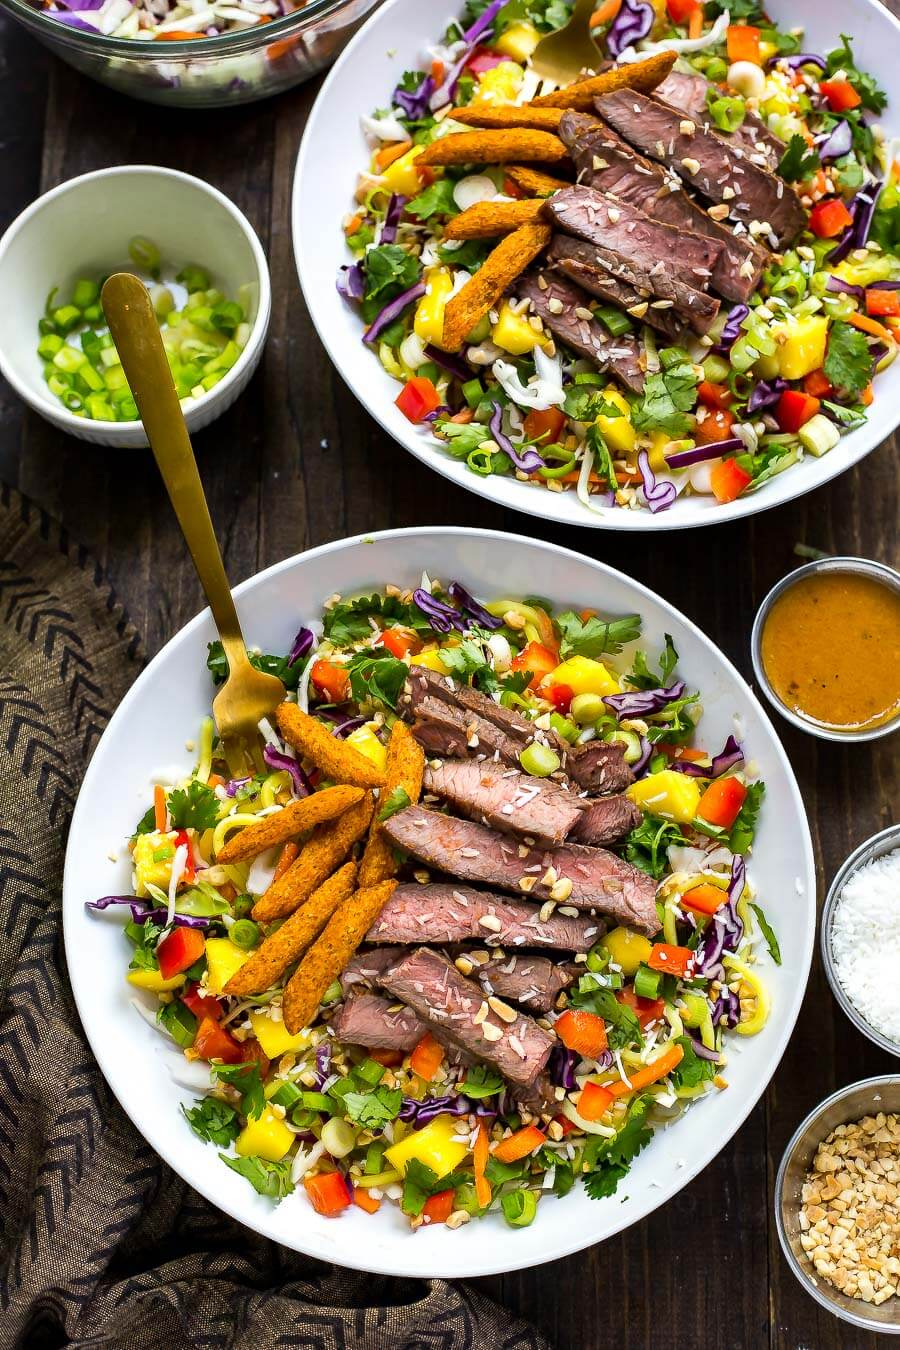 Asian Inspired Steak Noodle Salad Bowls